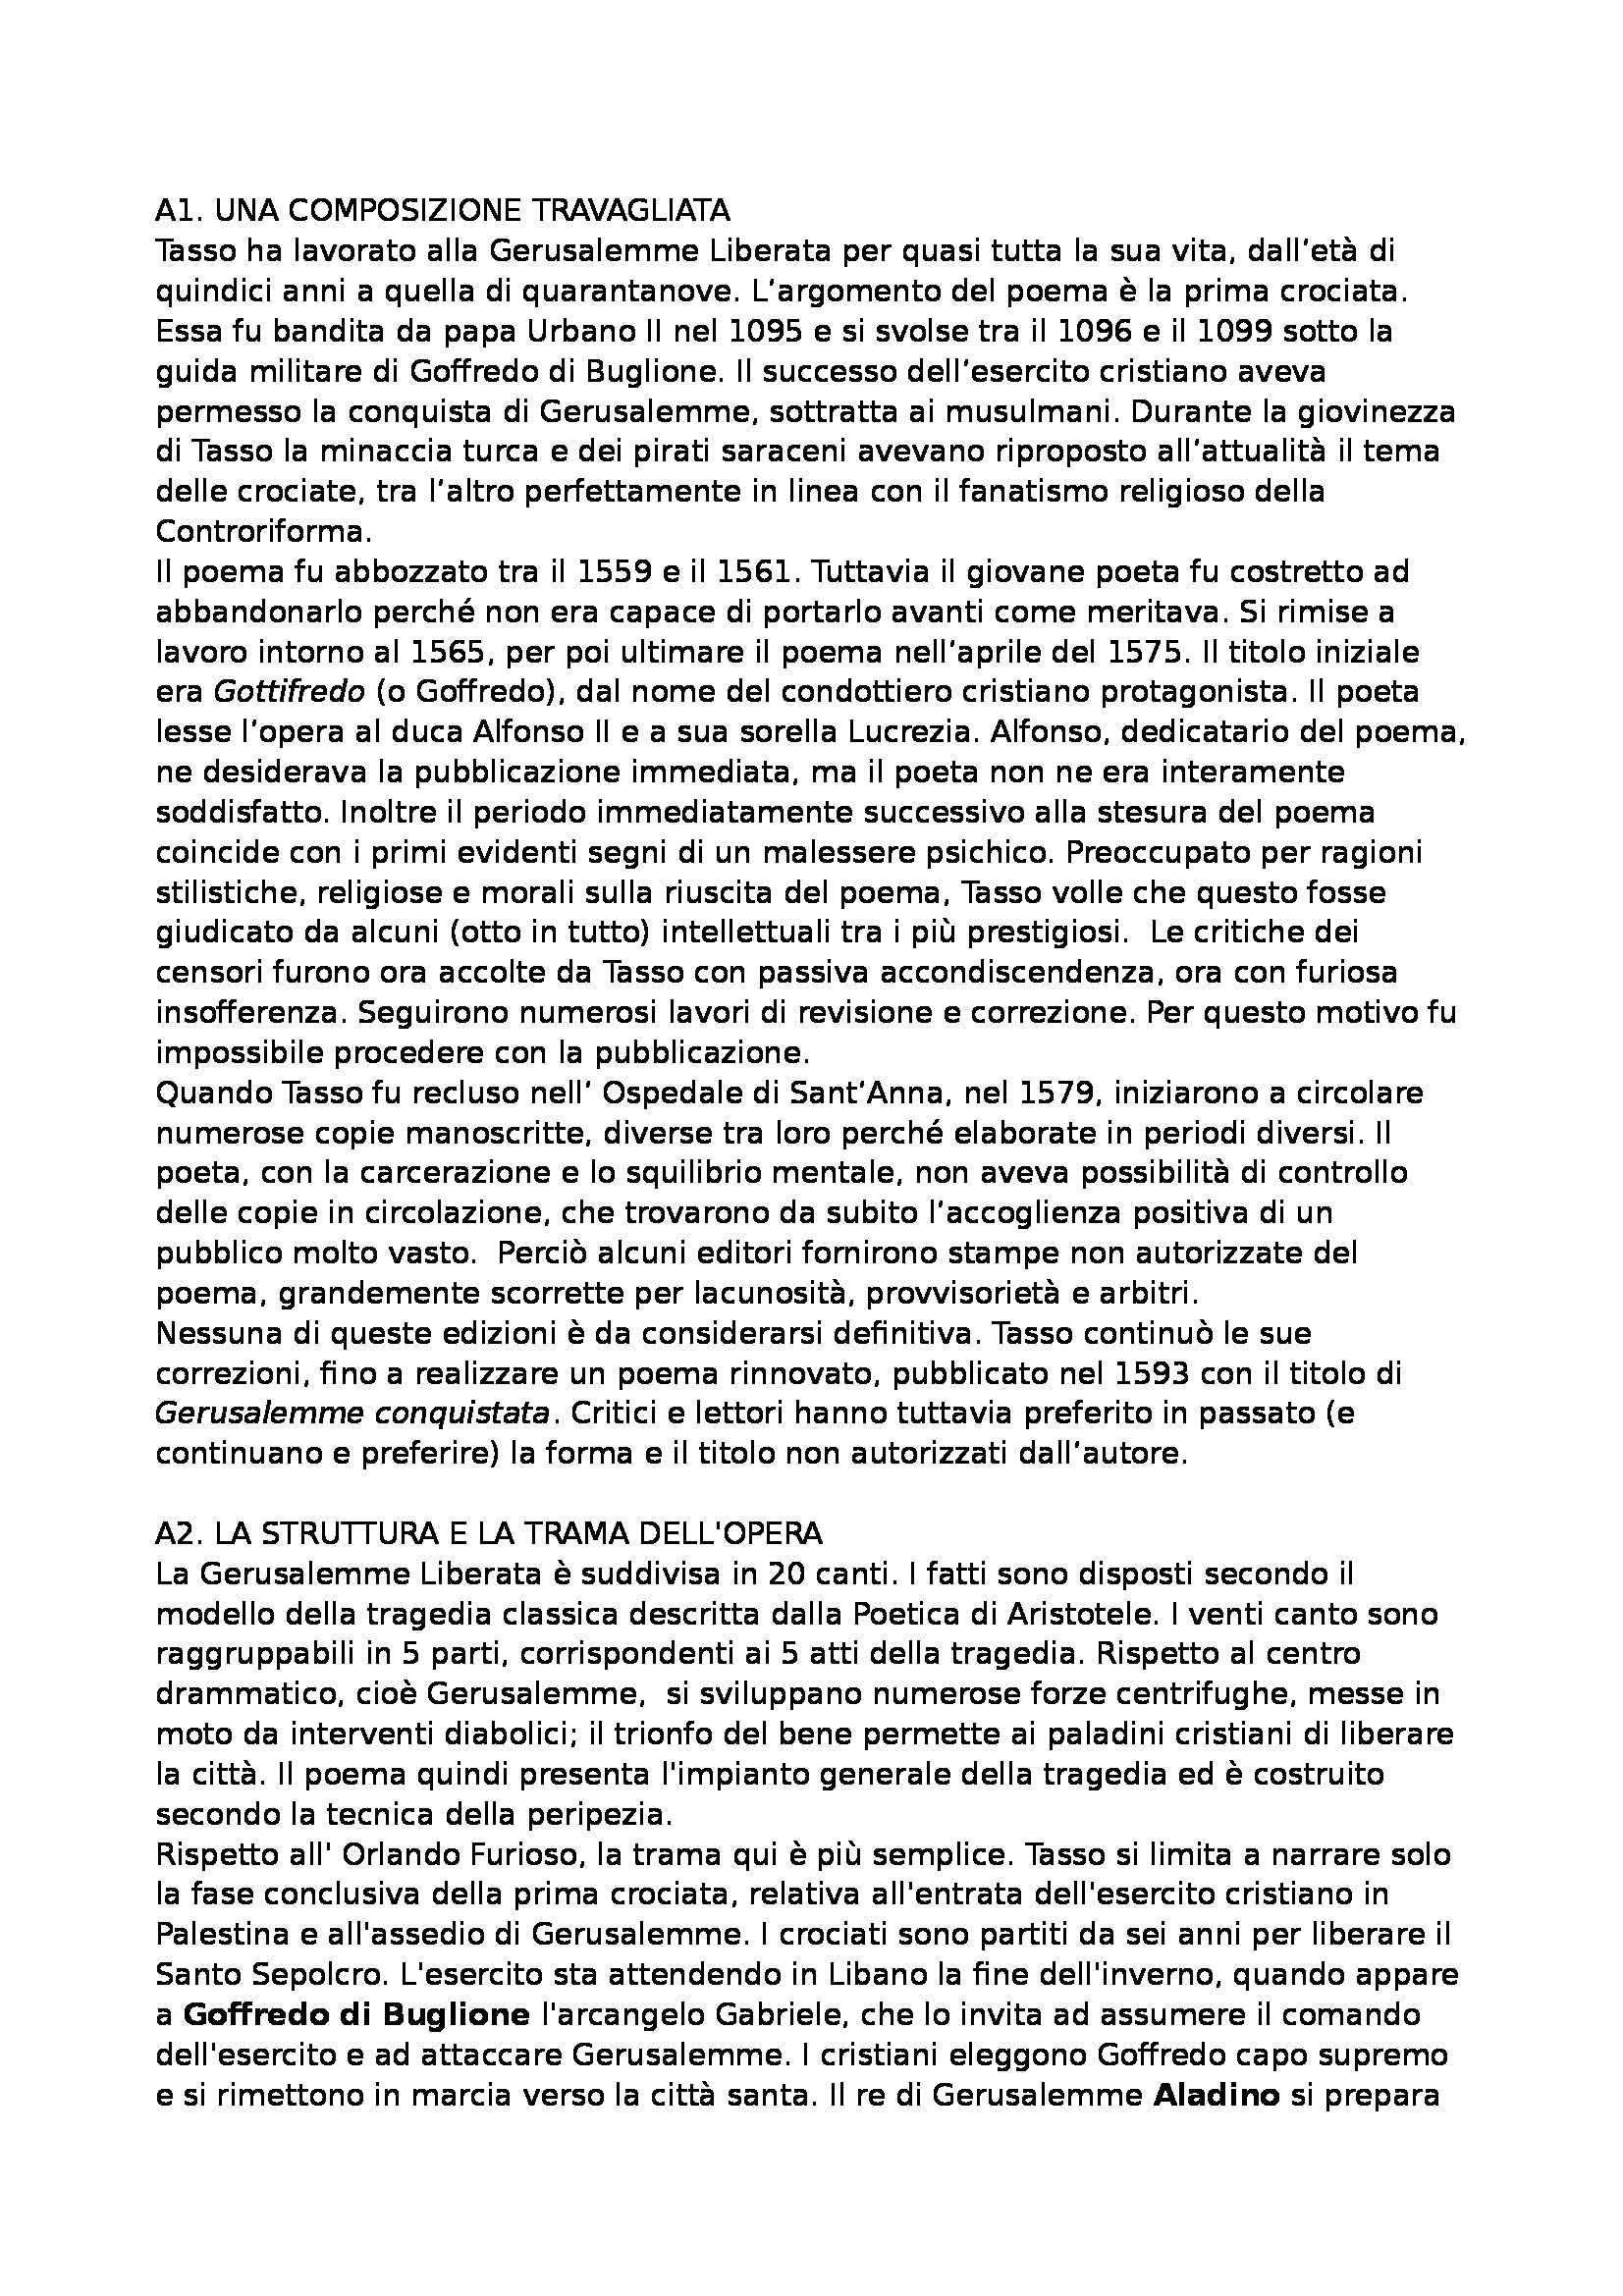 Letteratura italiana 1 - Gerusalemme Liberata, Tasso